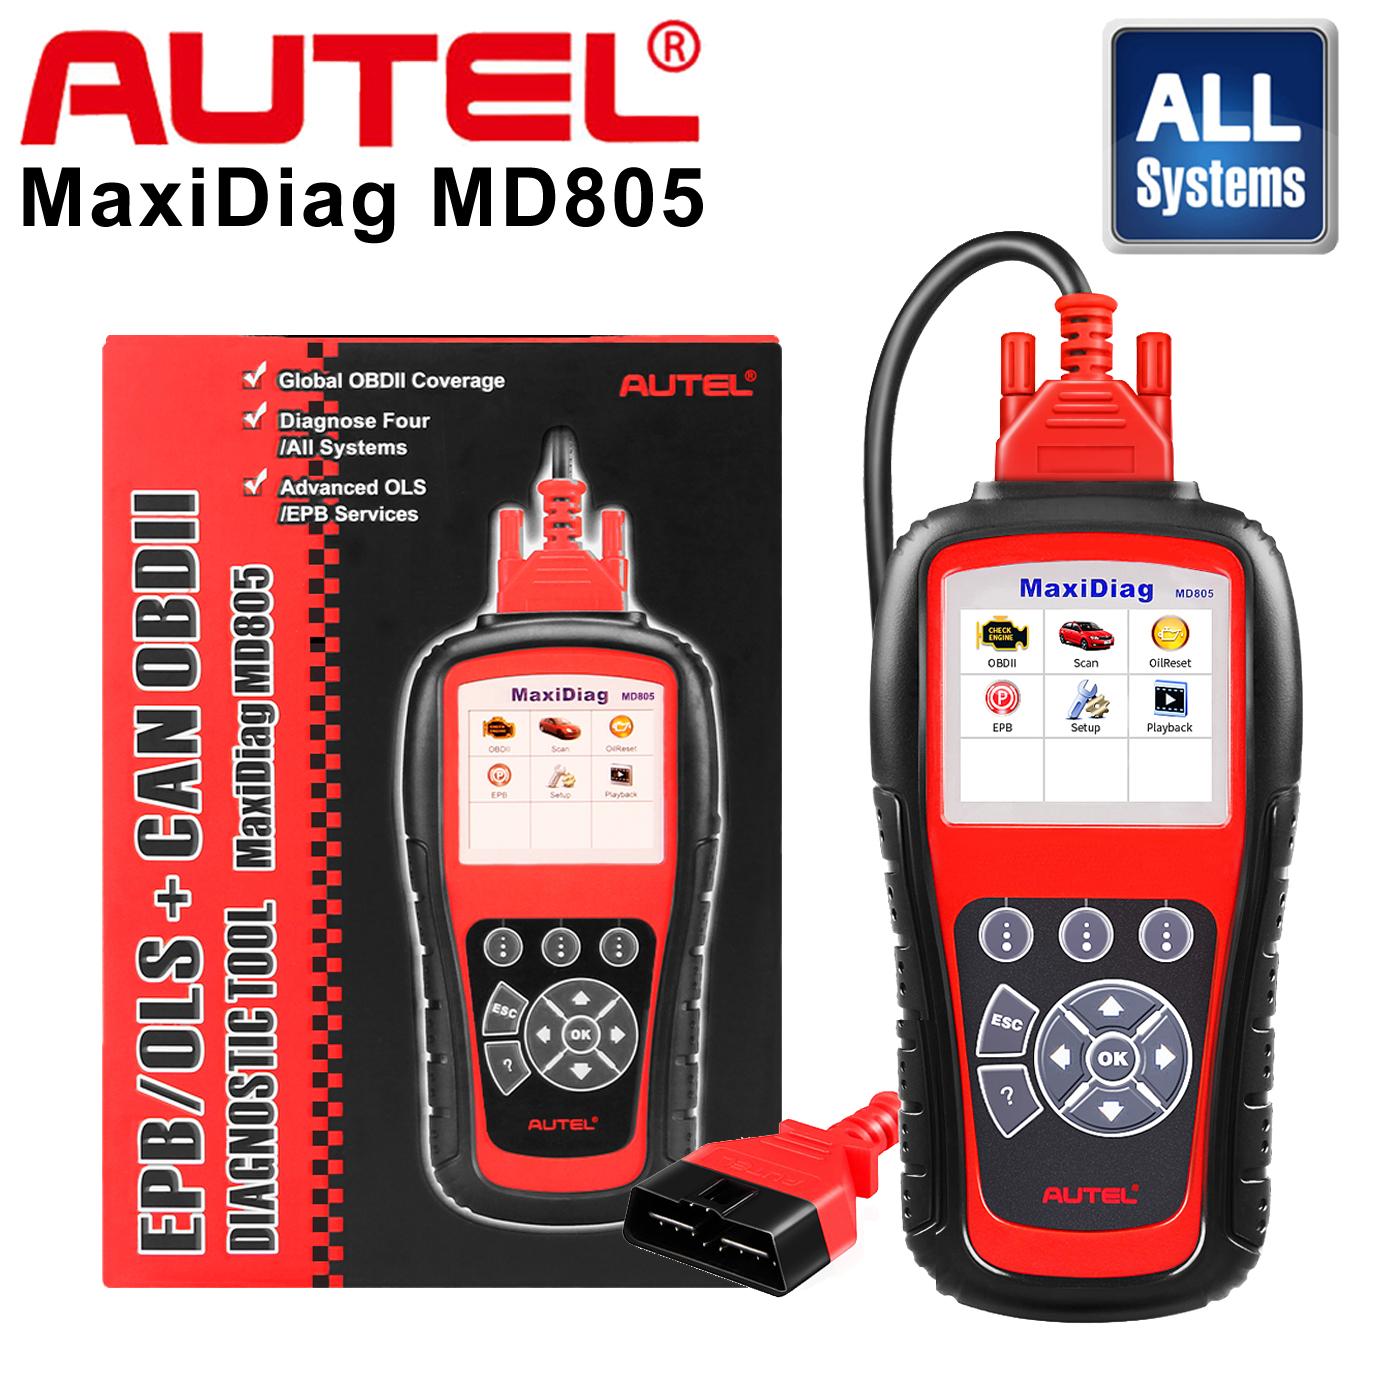 NEW OBDII OBD2 Main Data Cable For Autel MaxiDiag MD805 Auto Diagnostic Scanner